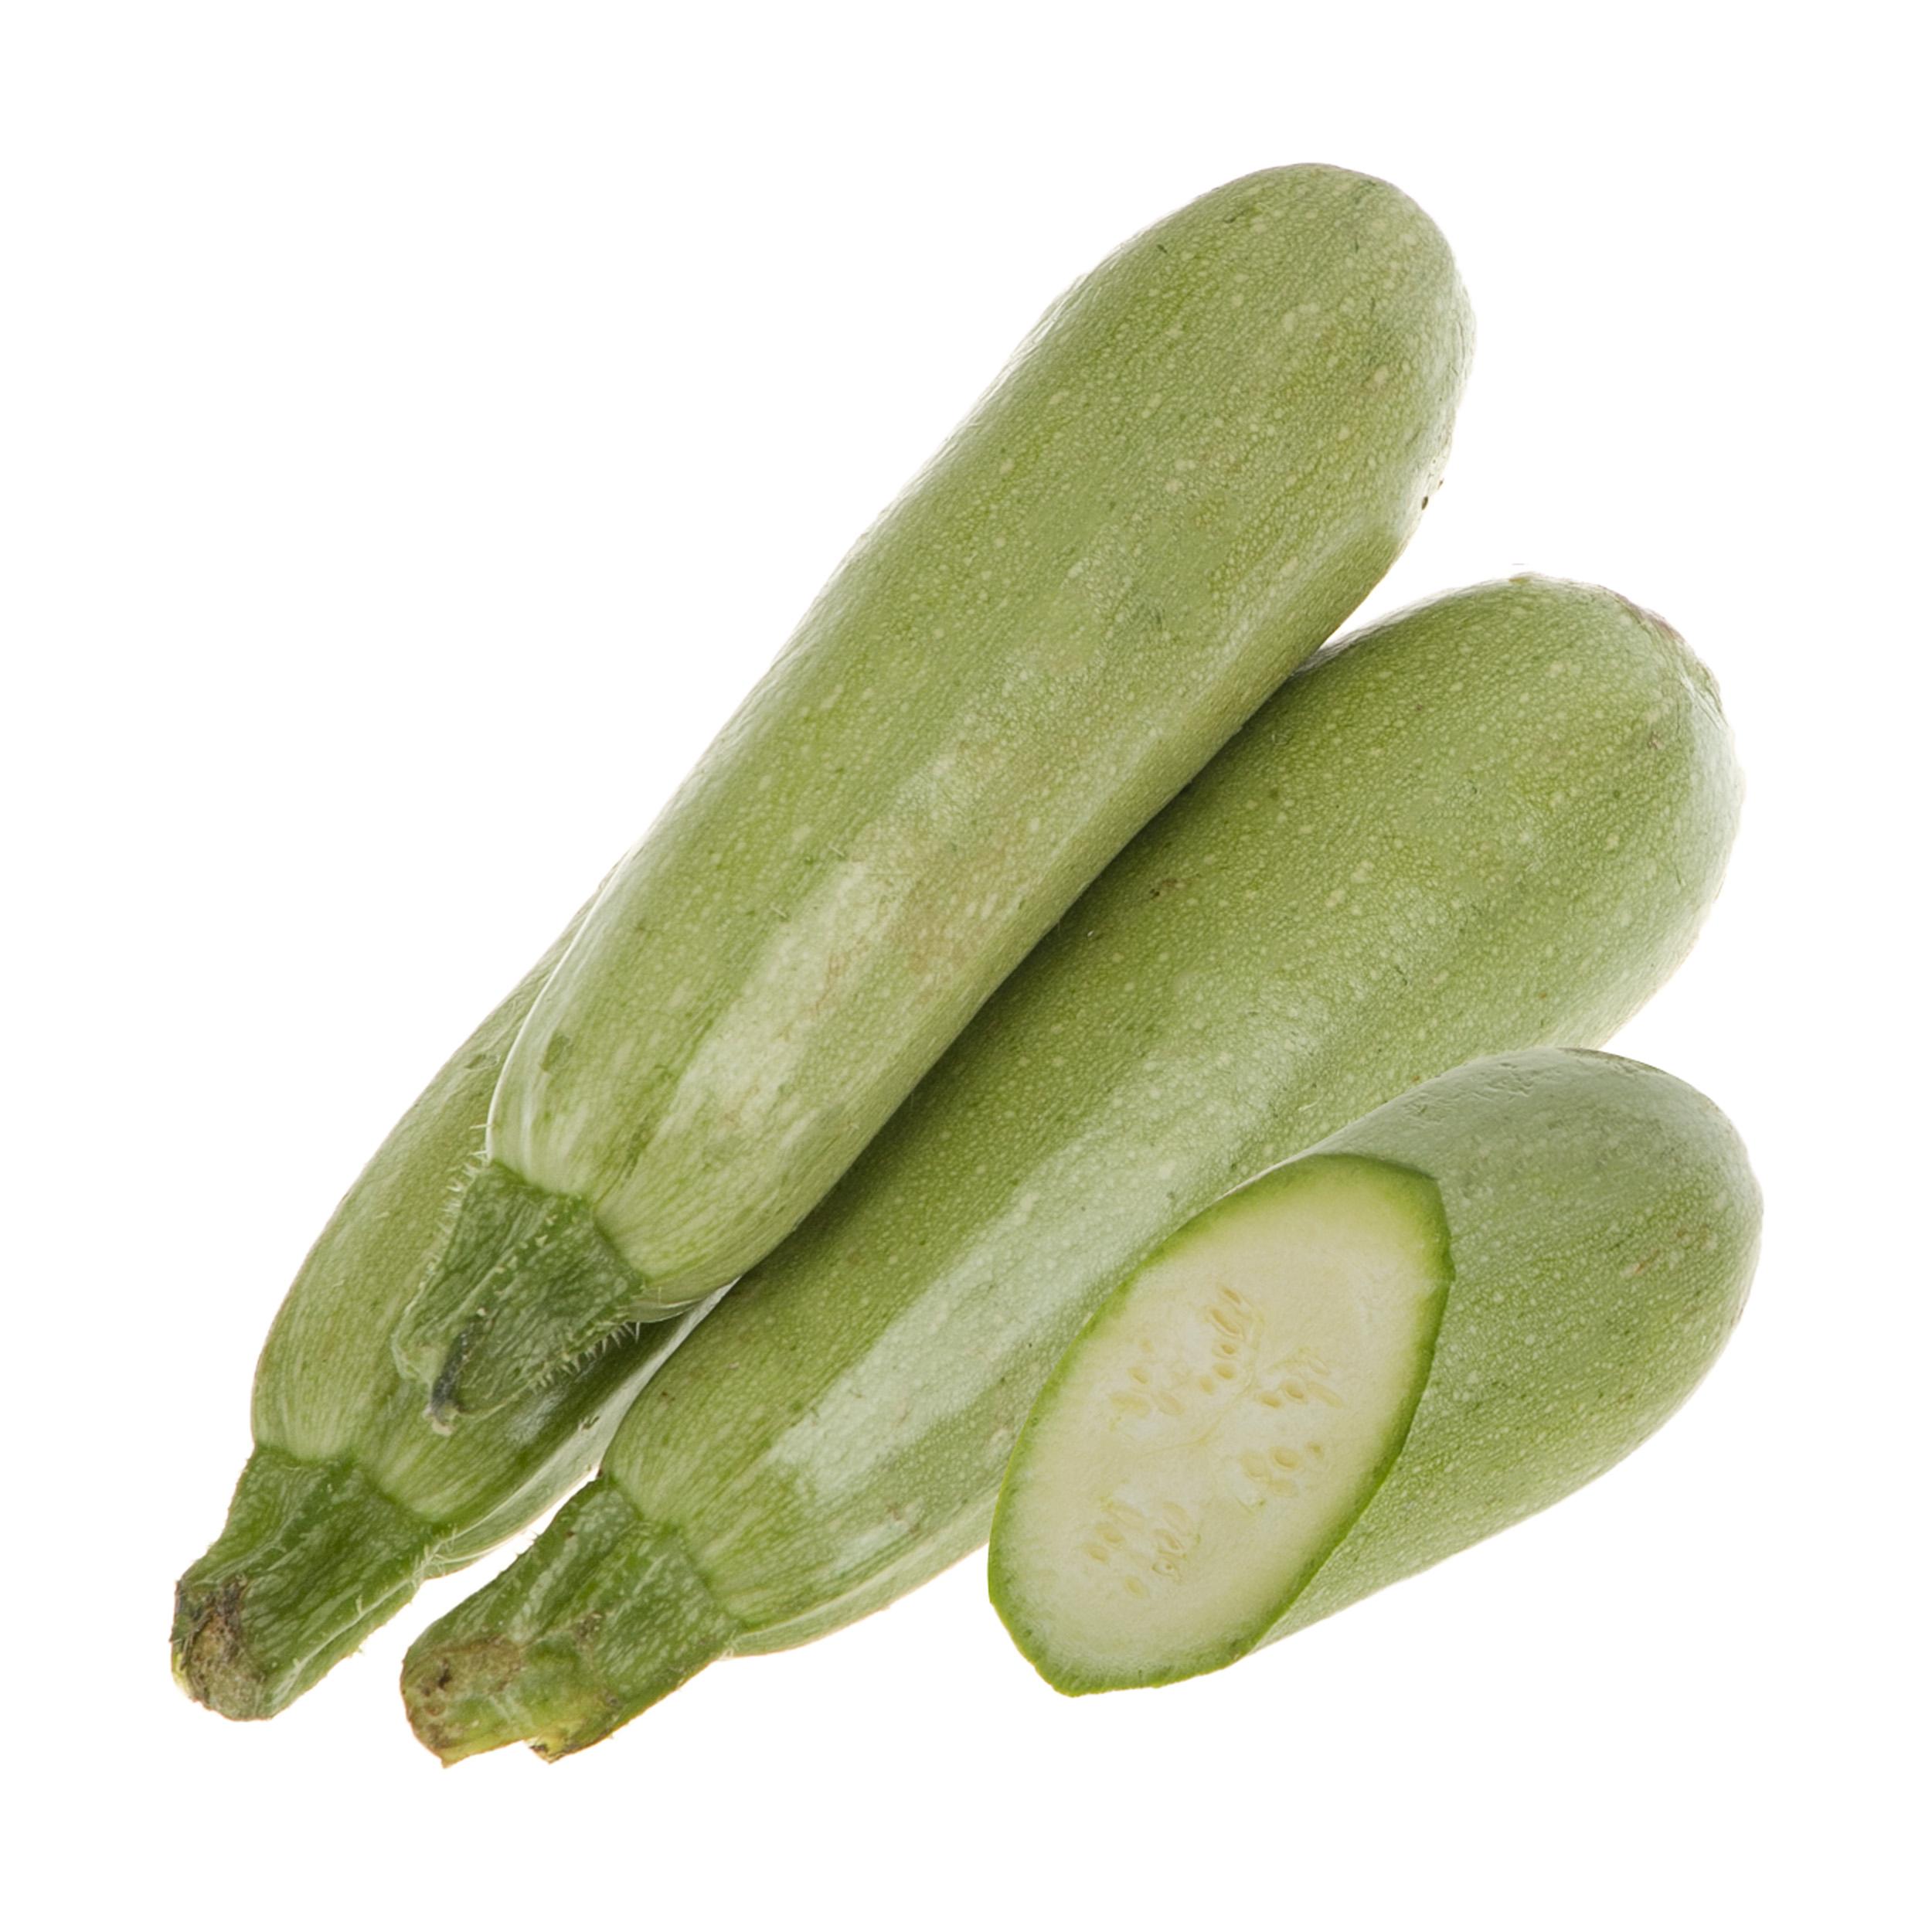 کدو سبز بلوط - 1 کیلوگرم